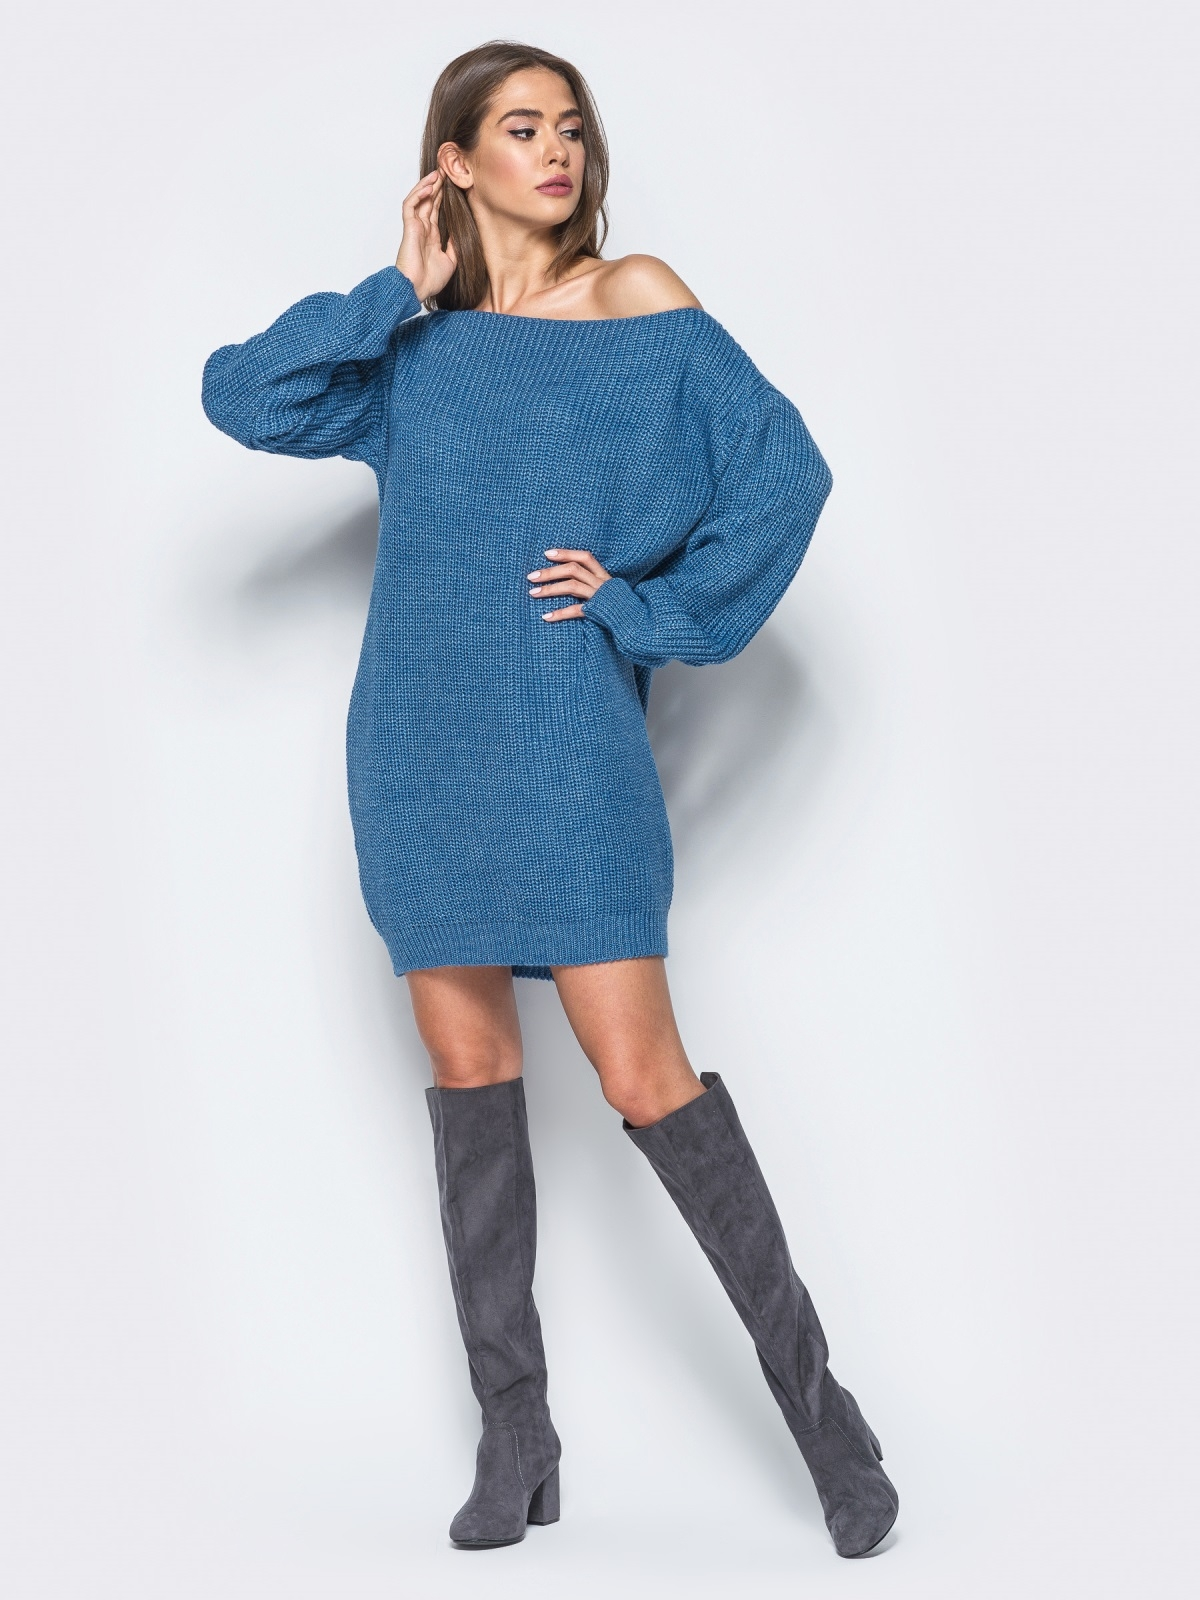 Шатенка позирует в синем вязаном платье с открытыми плечами